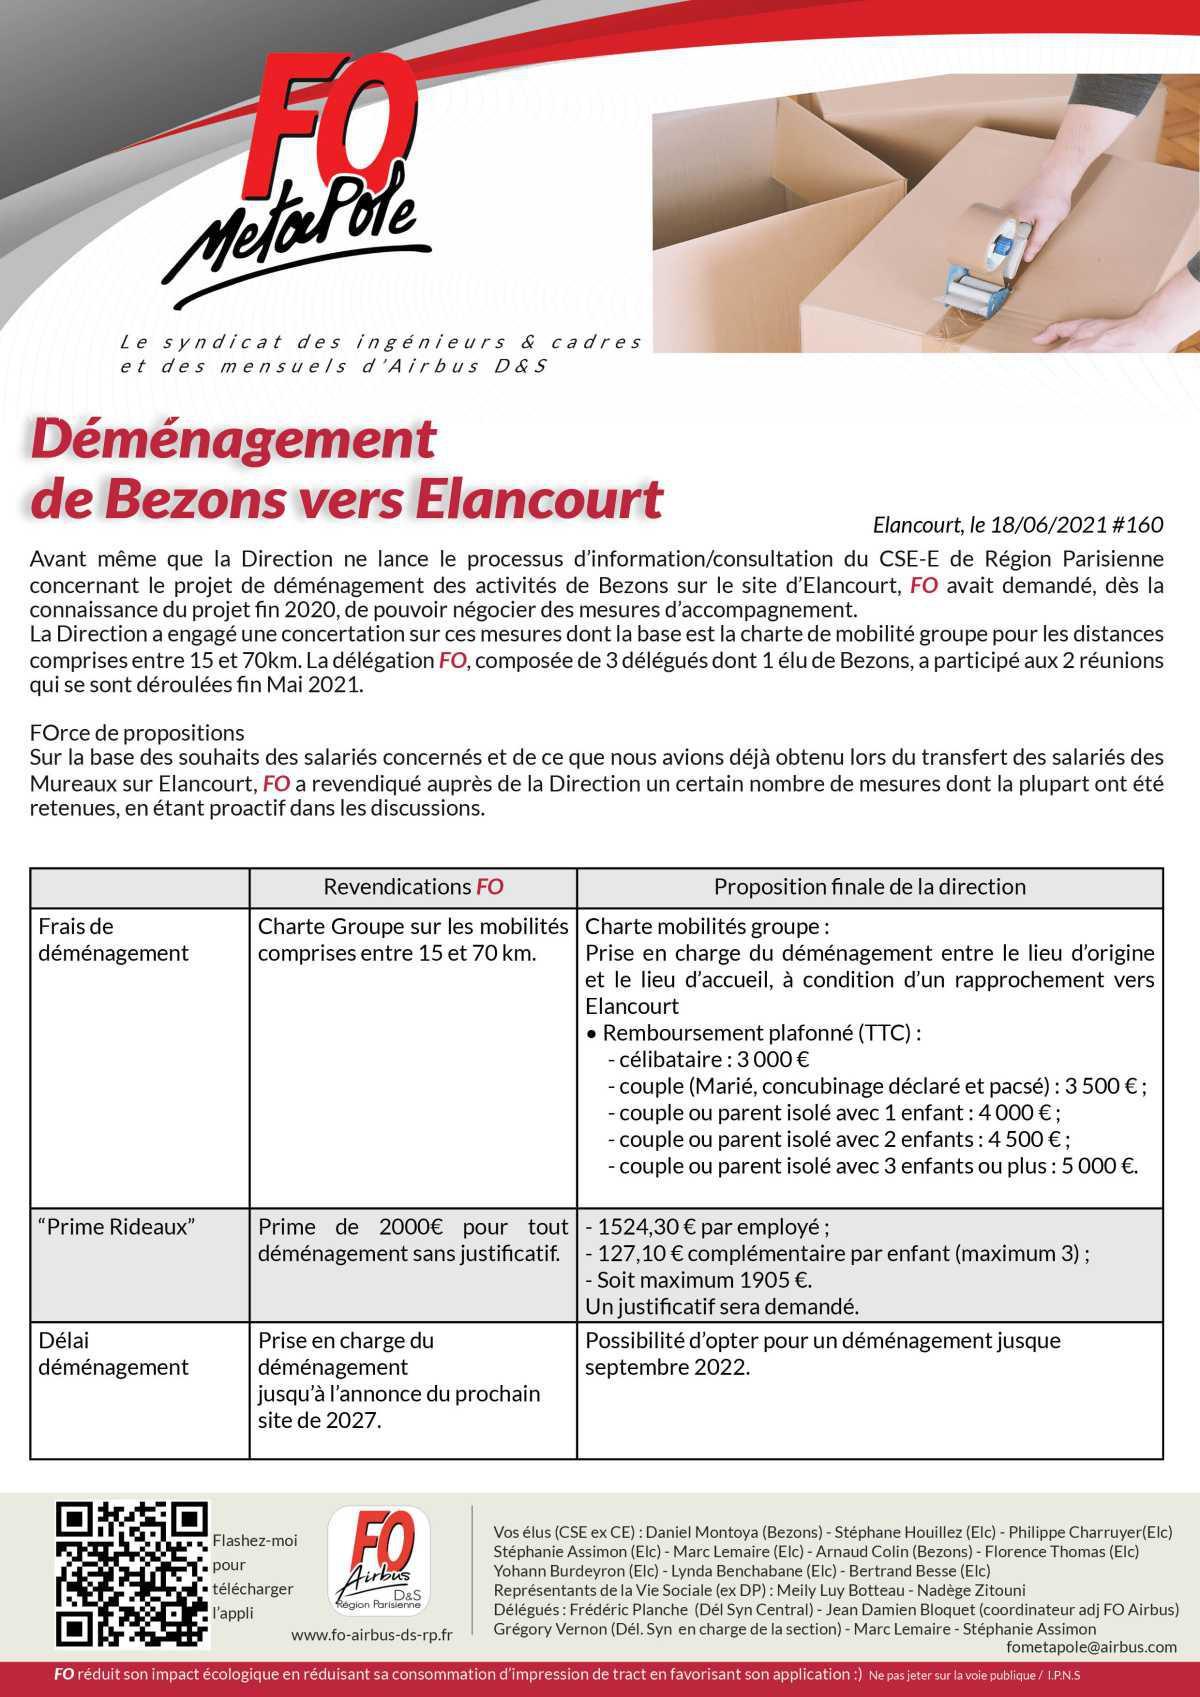 Déménagement de Bezons vers Elancourt